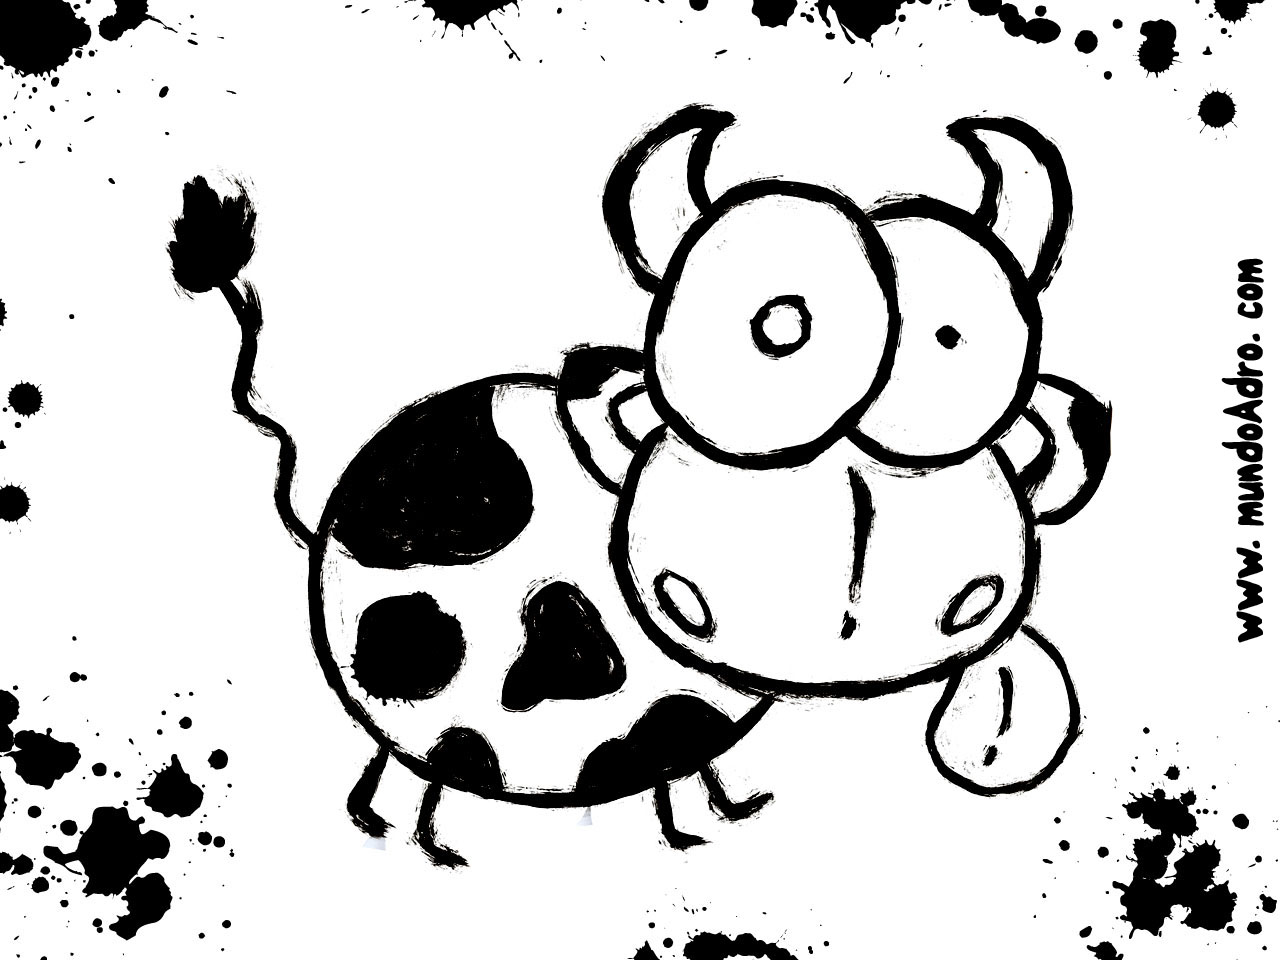 La Vaca Cega